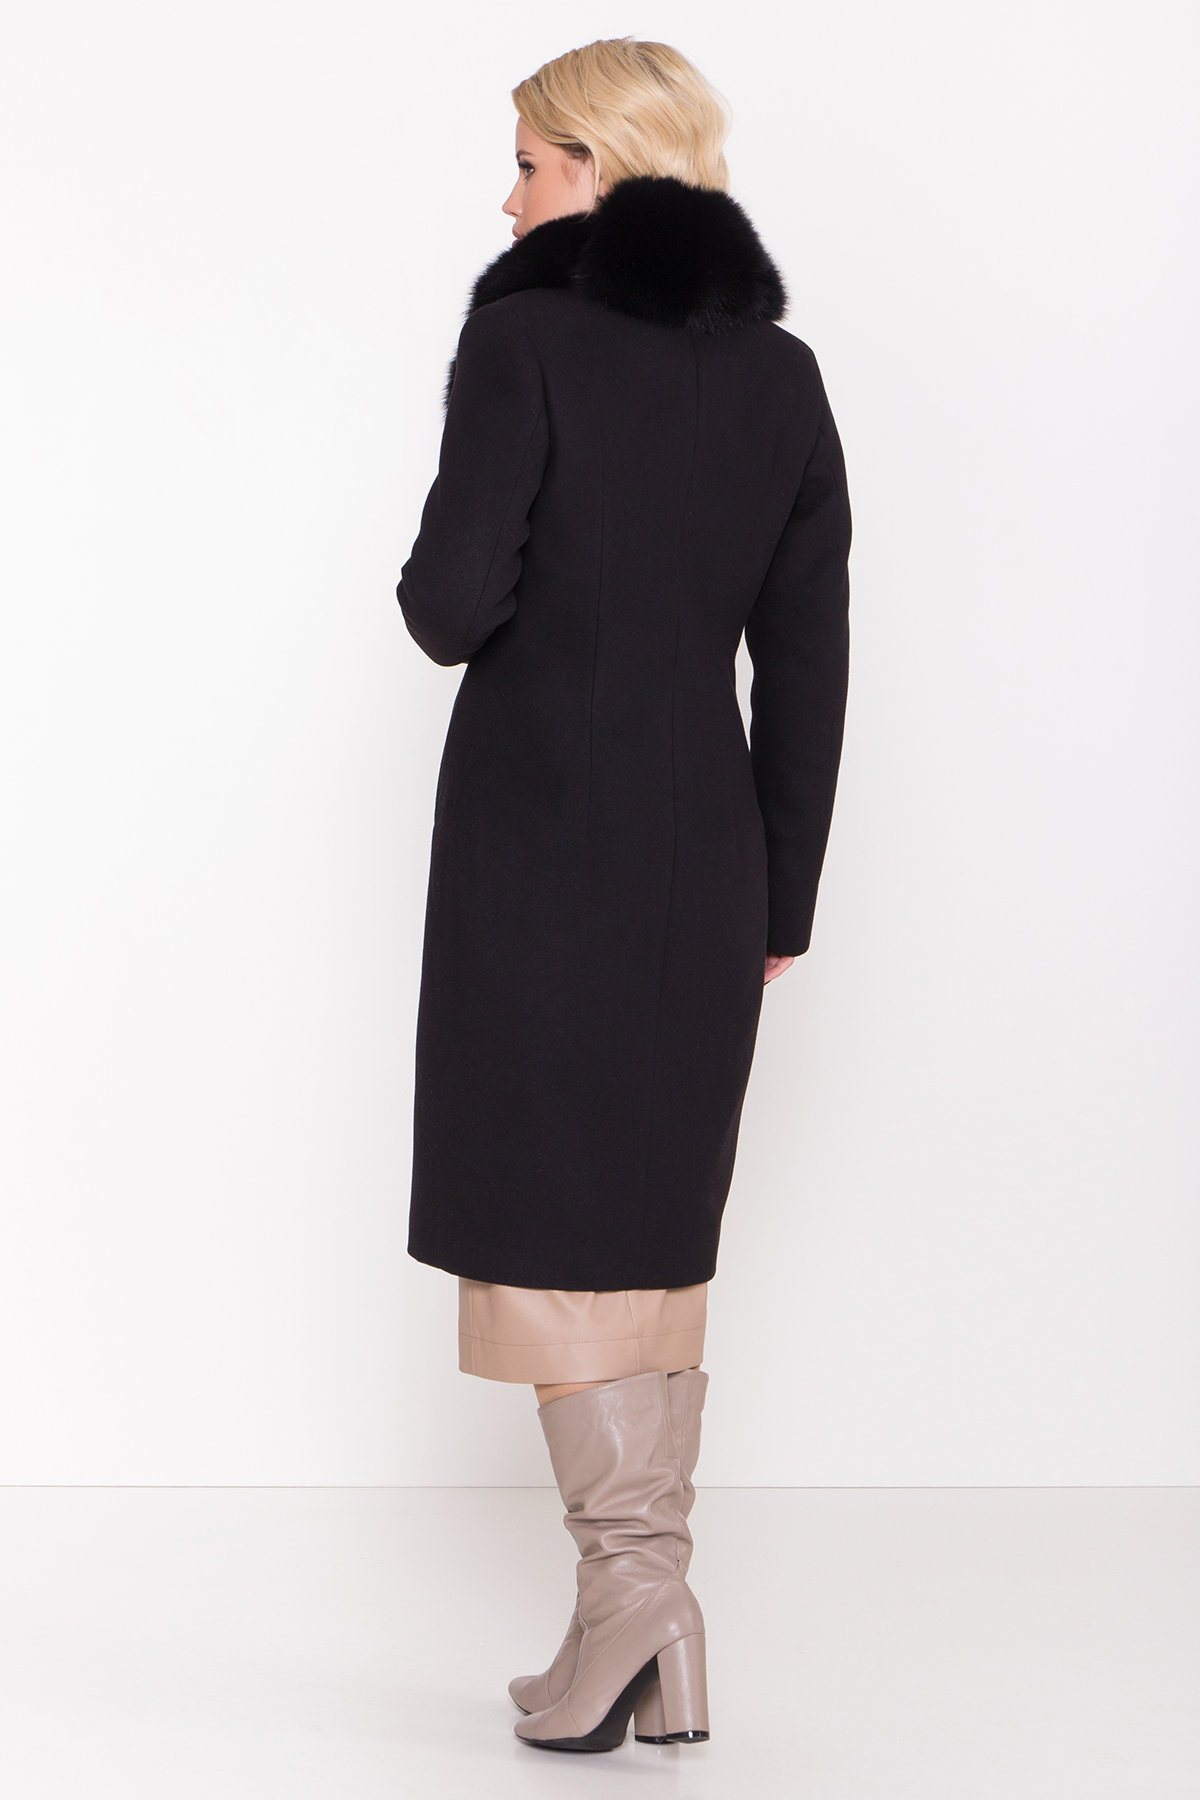 Пальто зима Камила классик 8486 АРТ. 44777 Цвет: Черный Н-1 - фото 4, интернет магазин tm-modus.ru